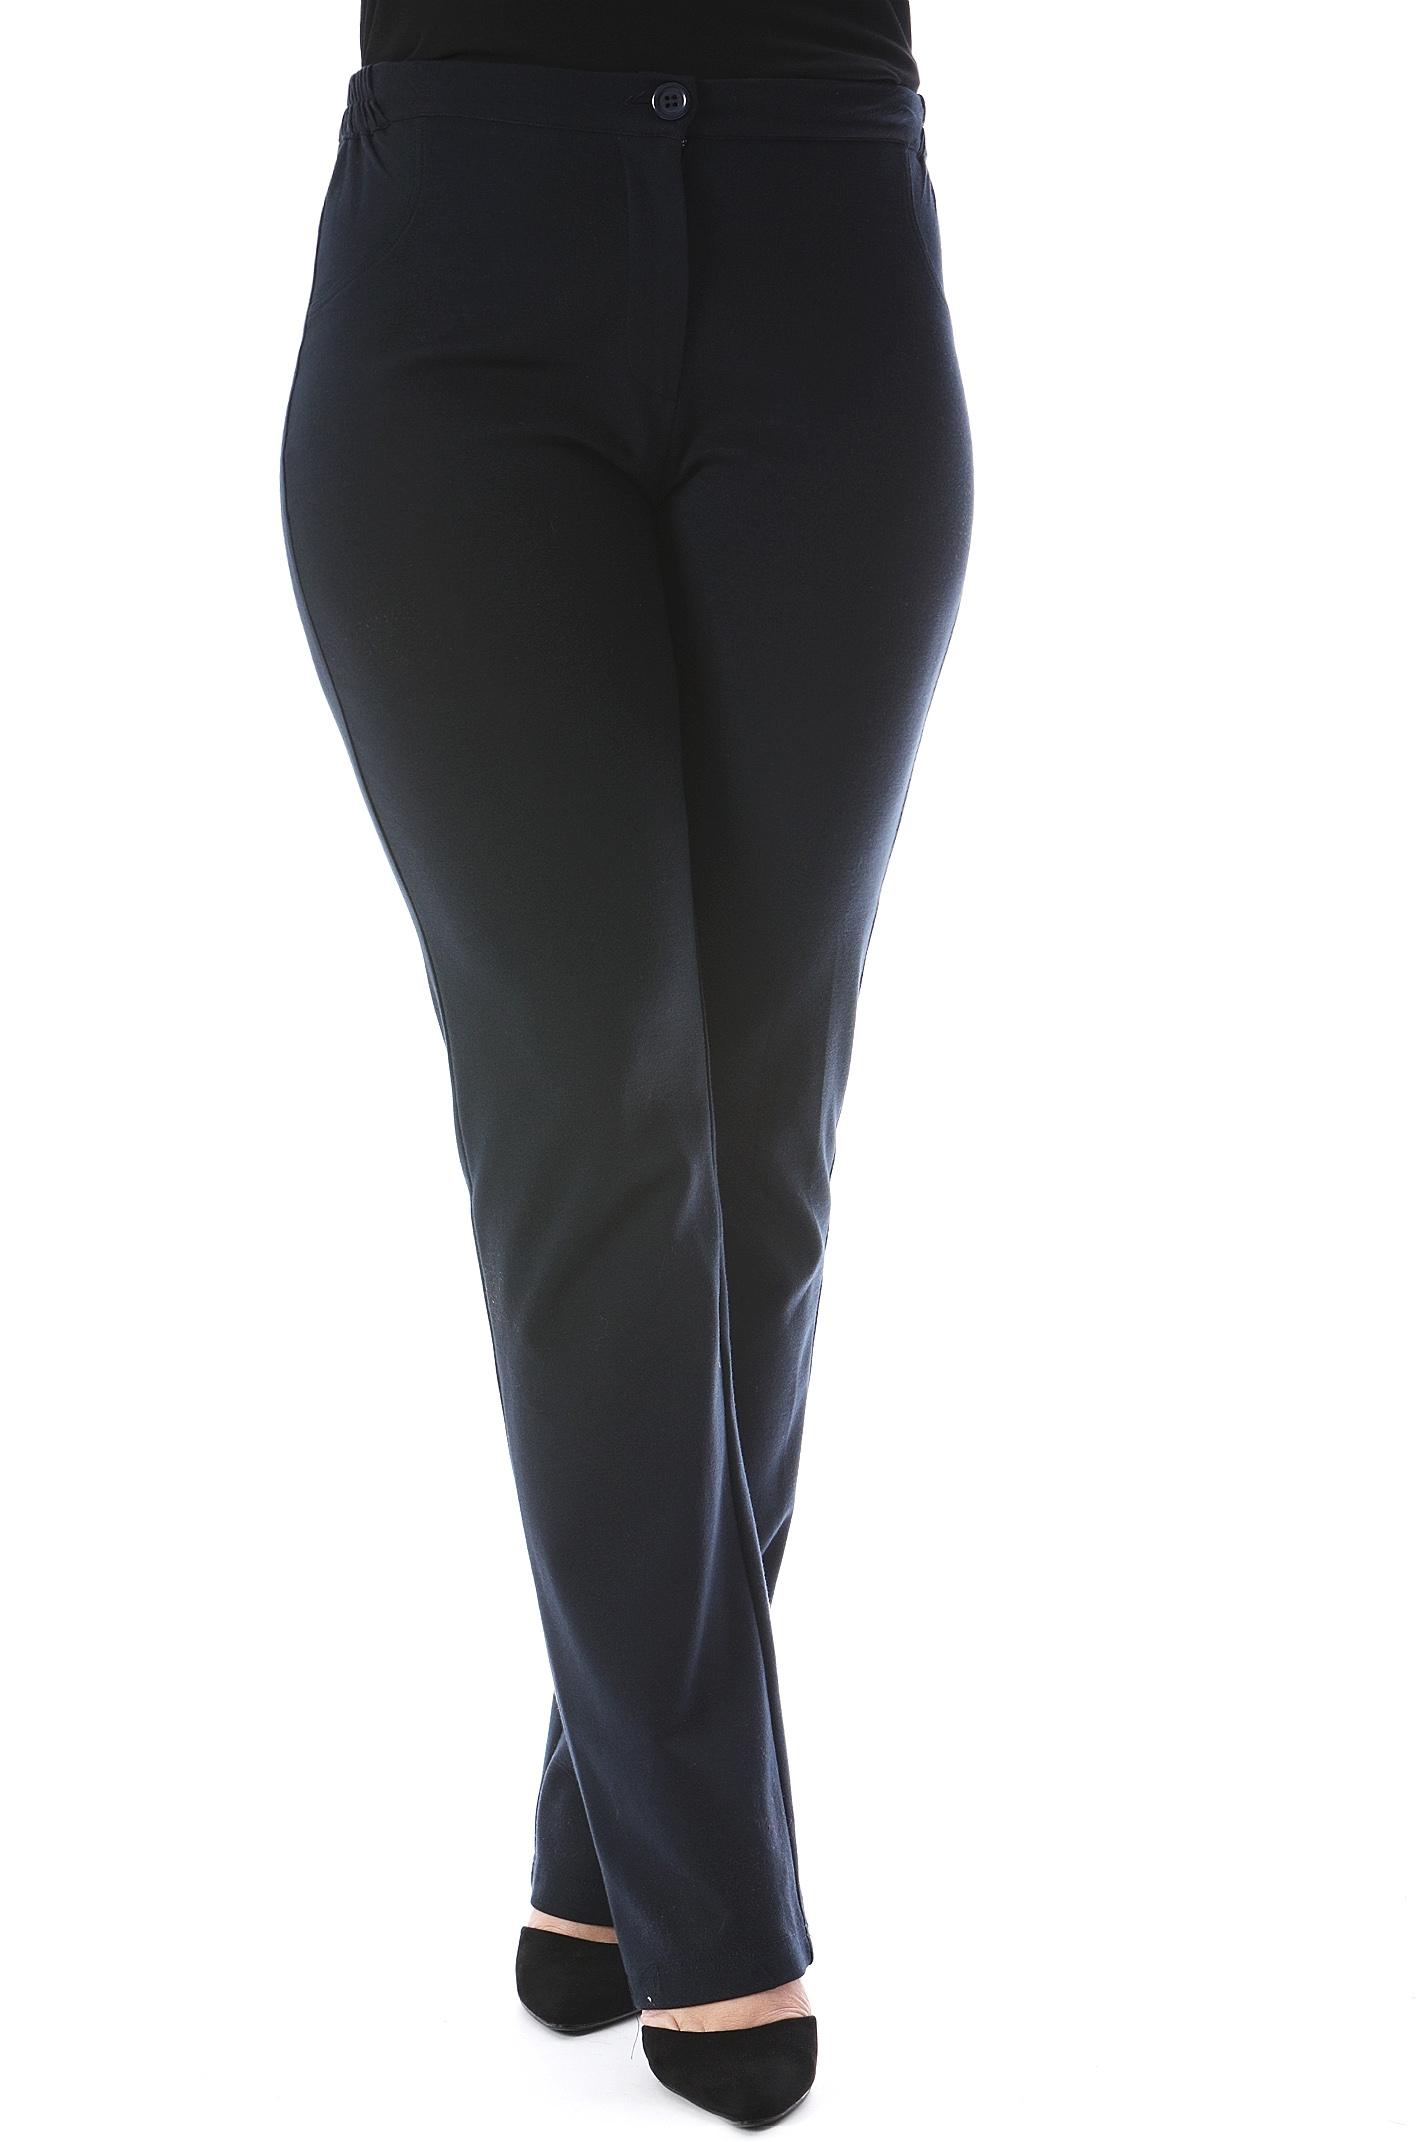 Παντελόνι καμπάνα Ίσια γραμμή Ποντοστόφα Κλείνει με φερμουάρ Έχει λάστιχο στα πλαϊνά Leather like λεπτομέρειες στις πίσω τσέπες Ελαστικό Διαθέσιμα μεγέθη από S έως 4XL. Σύνθεση: 68%VISC 28%POL 4%SP Το μοντέλο έχει ύψος 1.75cm και φοράει μέγεθος S.